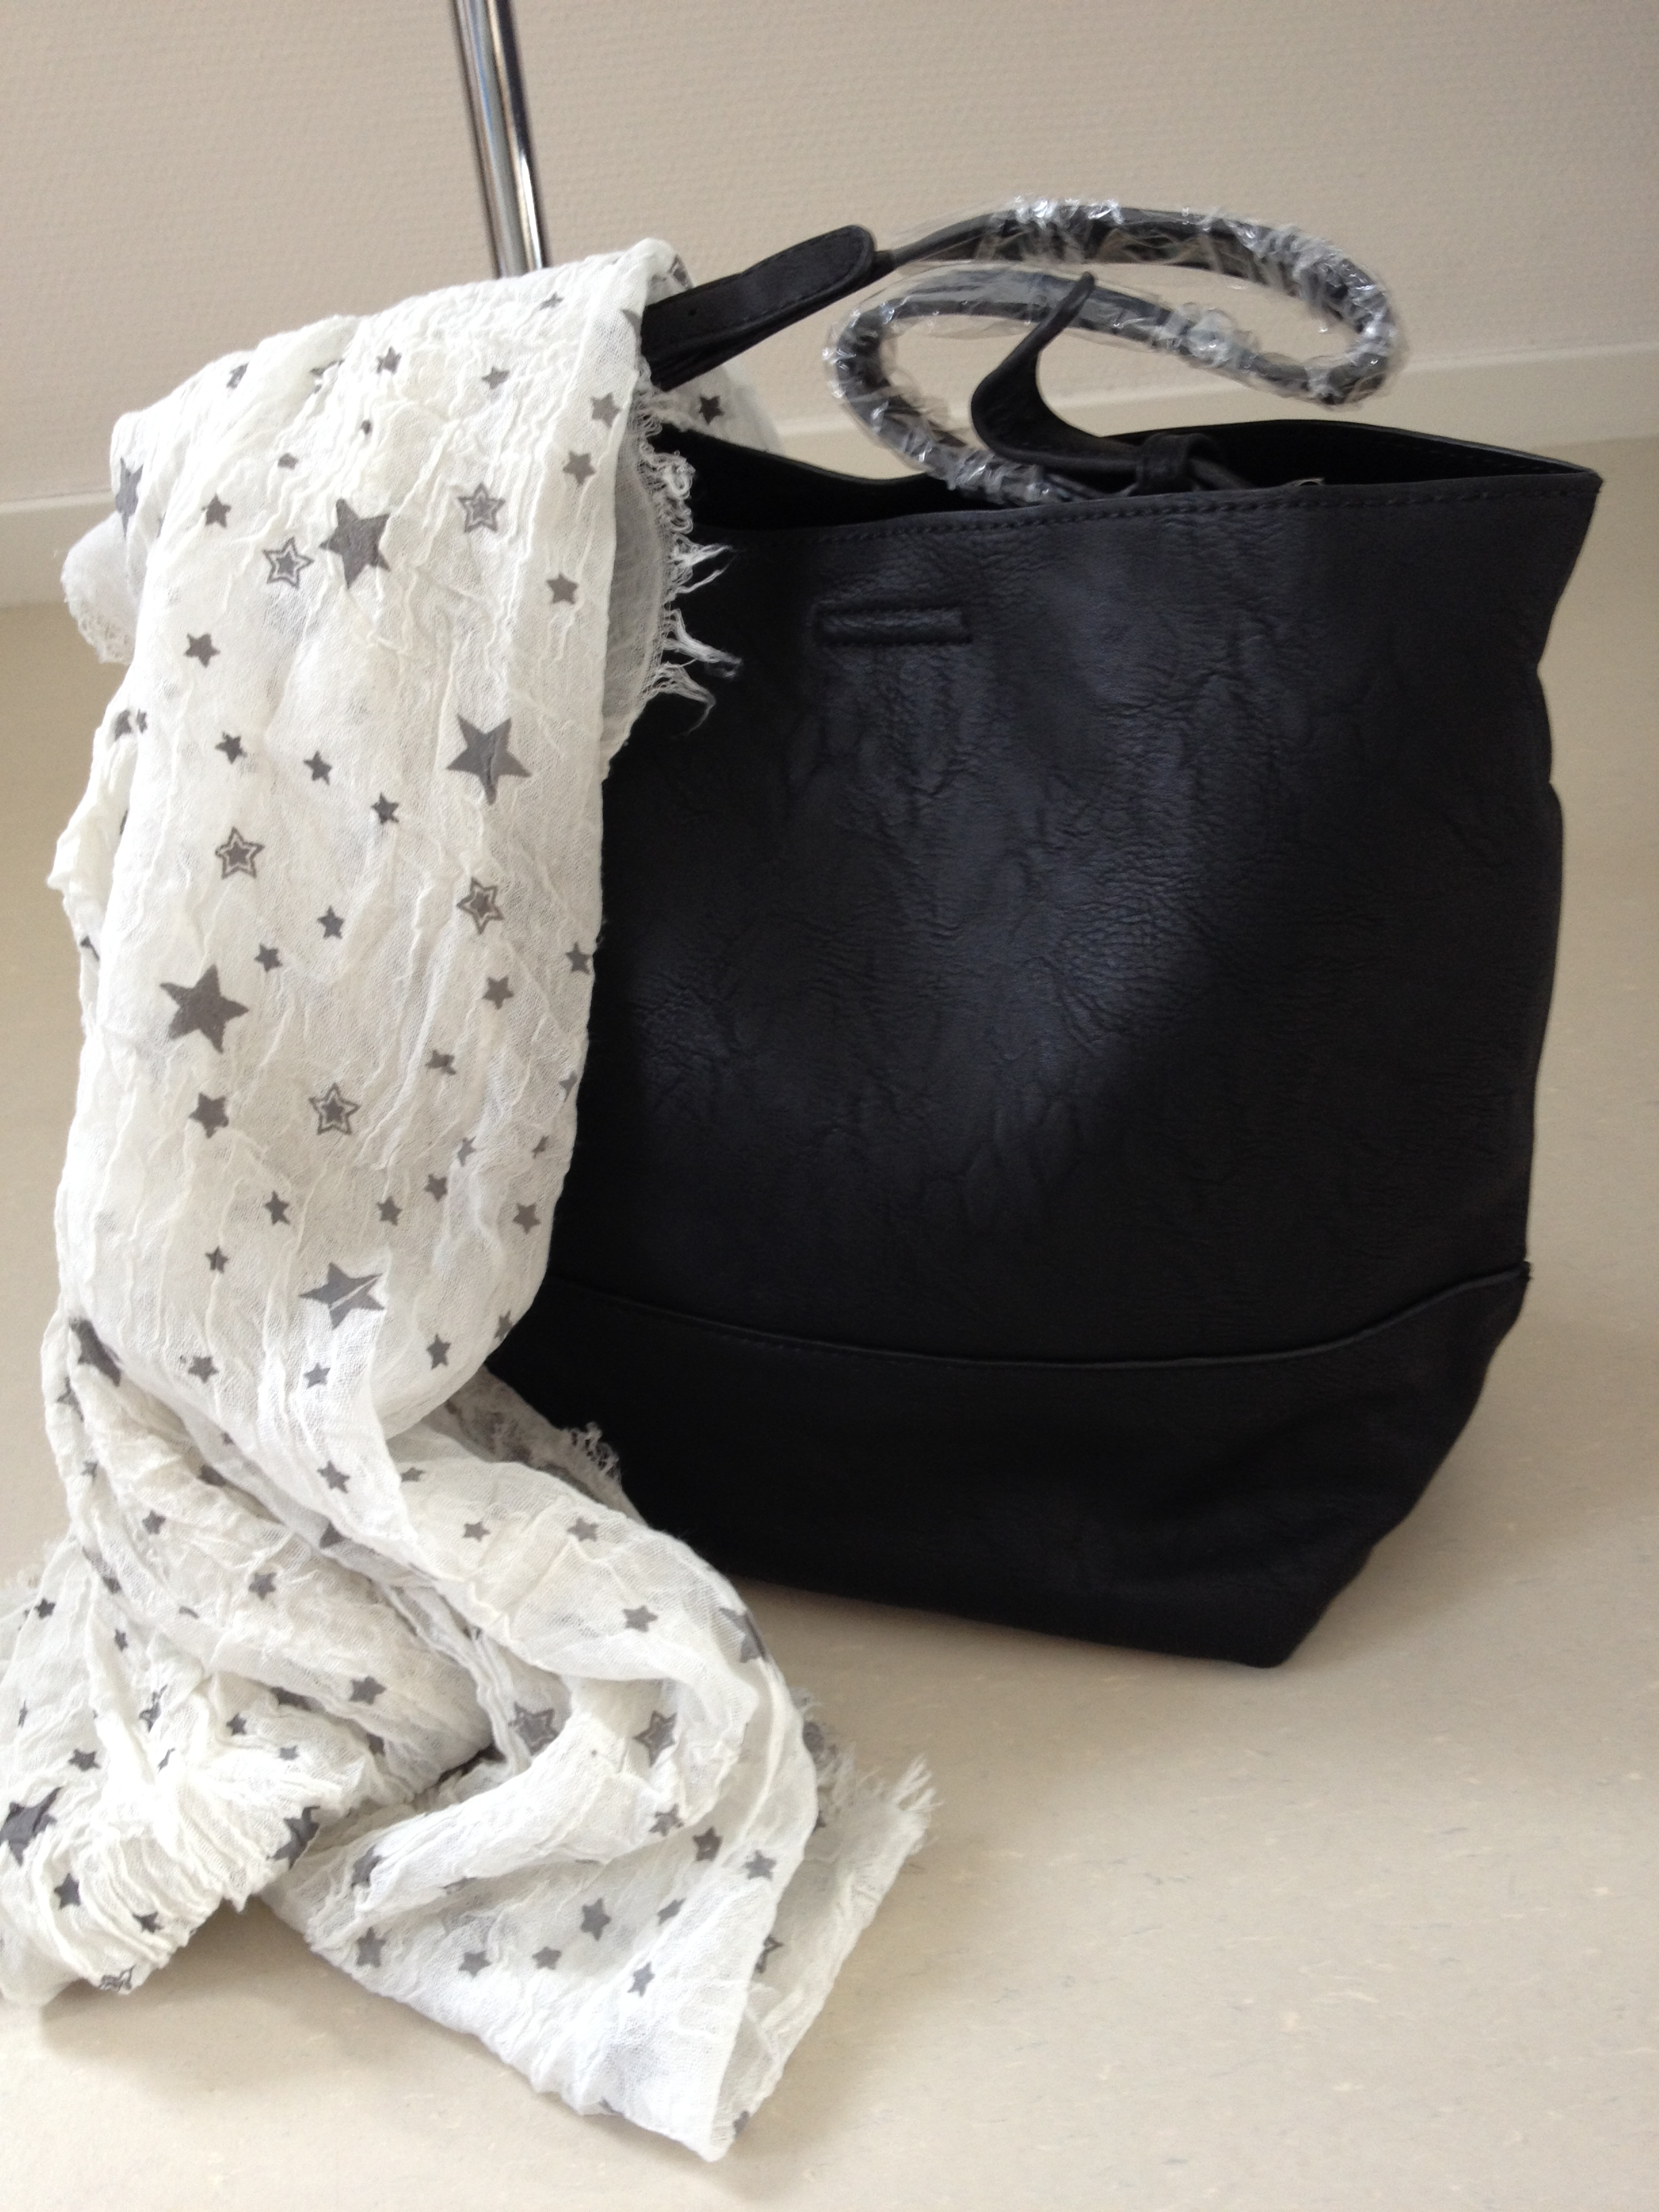 Bijoux    Tassen    Mooie trendy 2 in 1 zwarte tas met schouderband efdc347df8